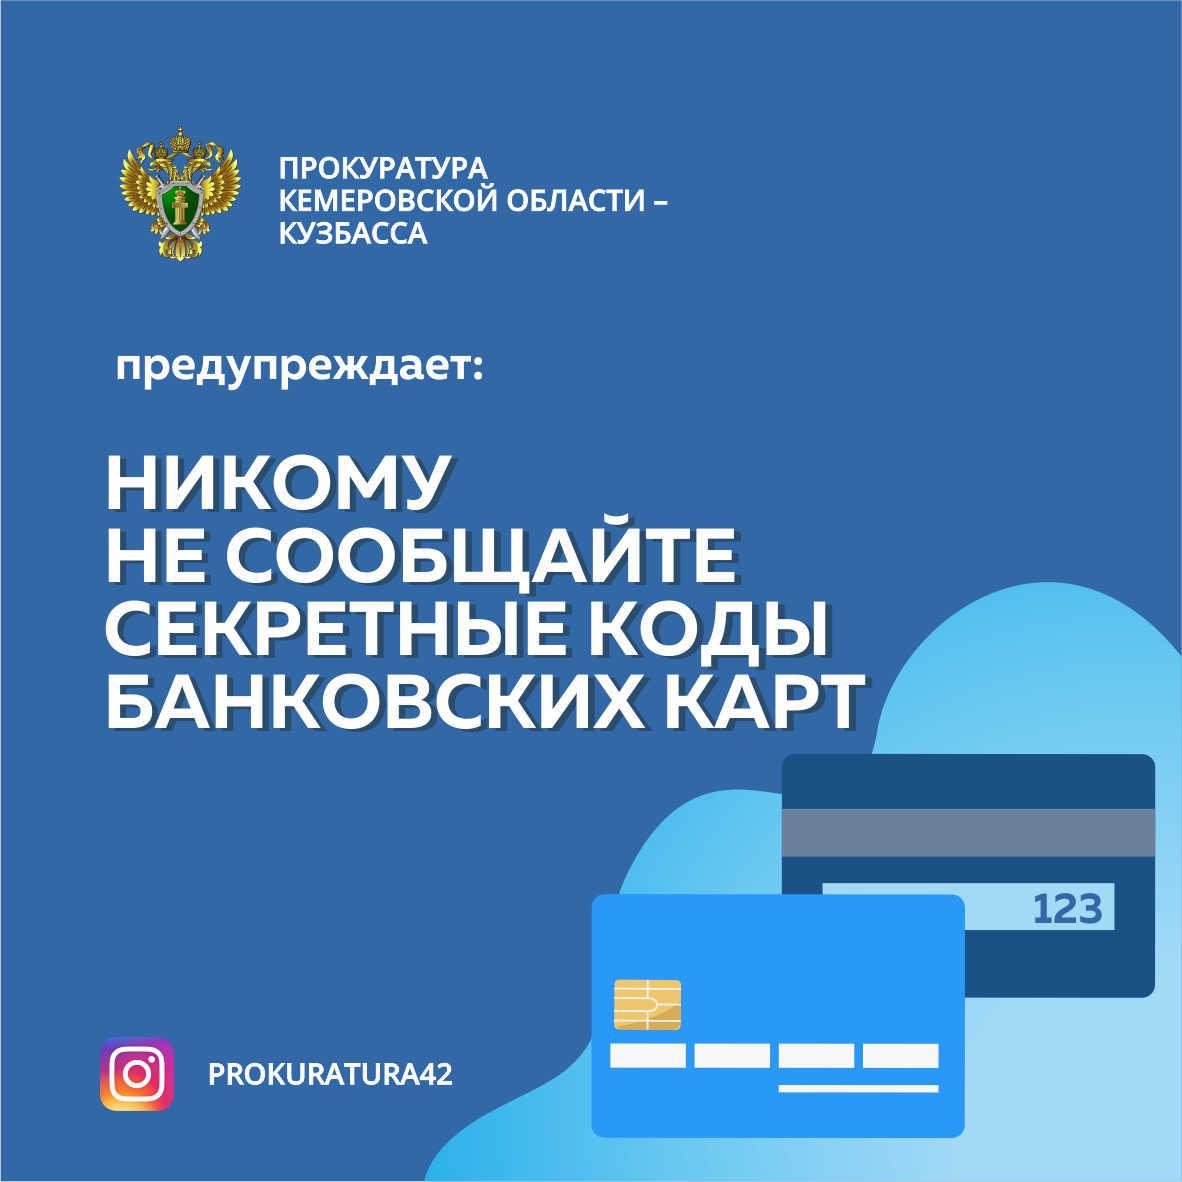 Прокуратура Кемеровской области – Кузбасса предупреждает: Никому не сообщайте секретные коды банковских карт